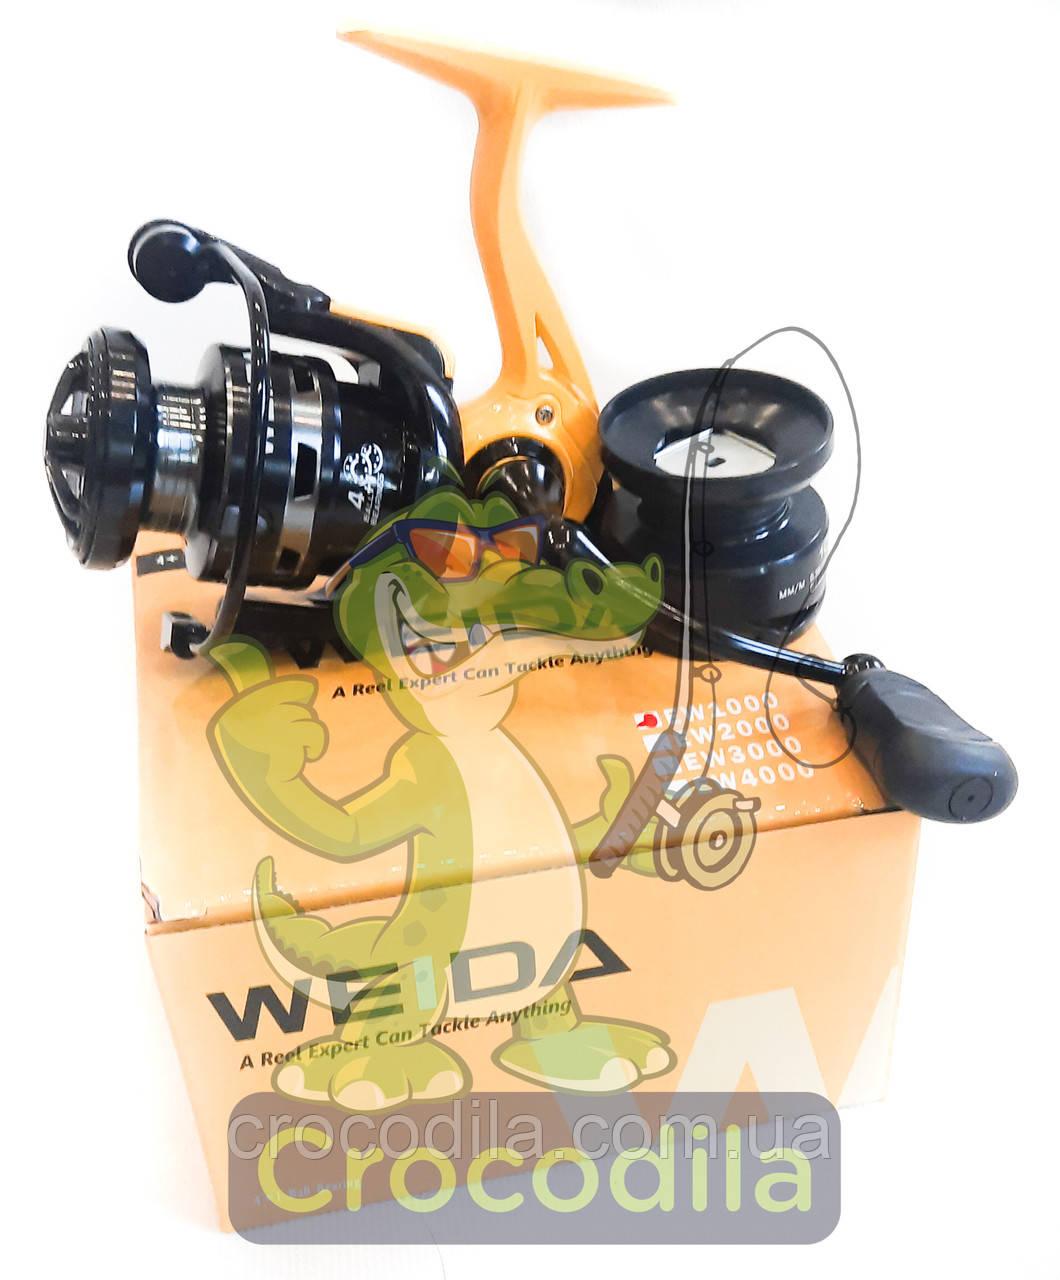 Спиннинговая катушка  Kaida ( Weida) EW 1000  5+1